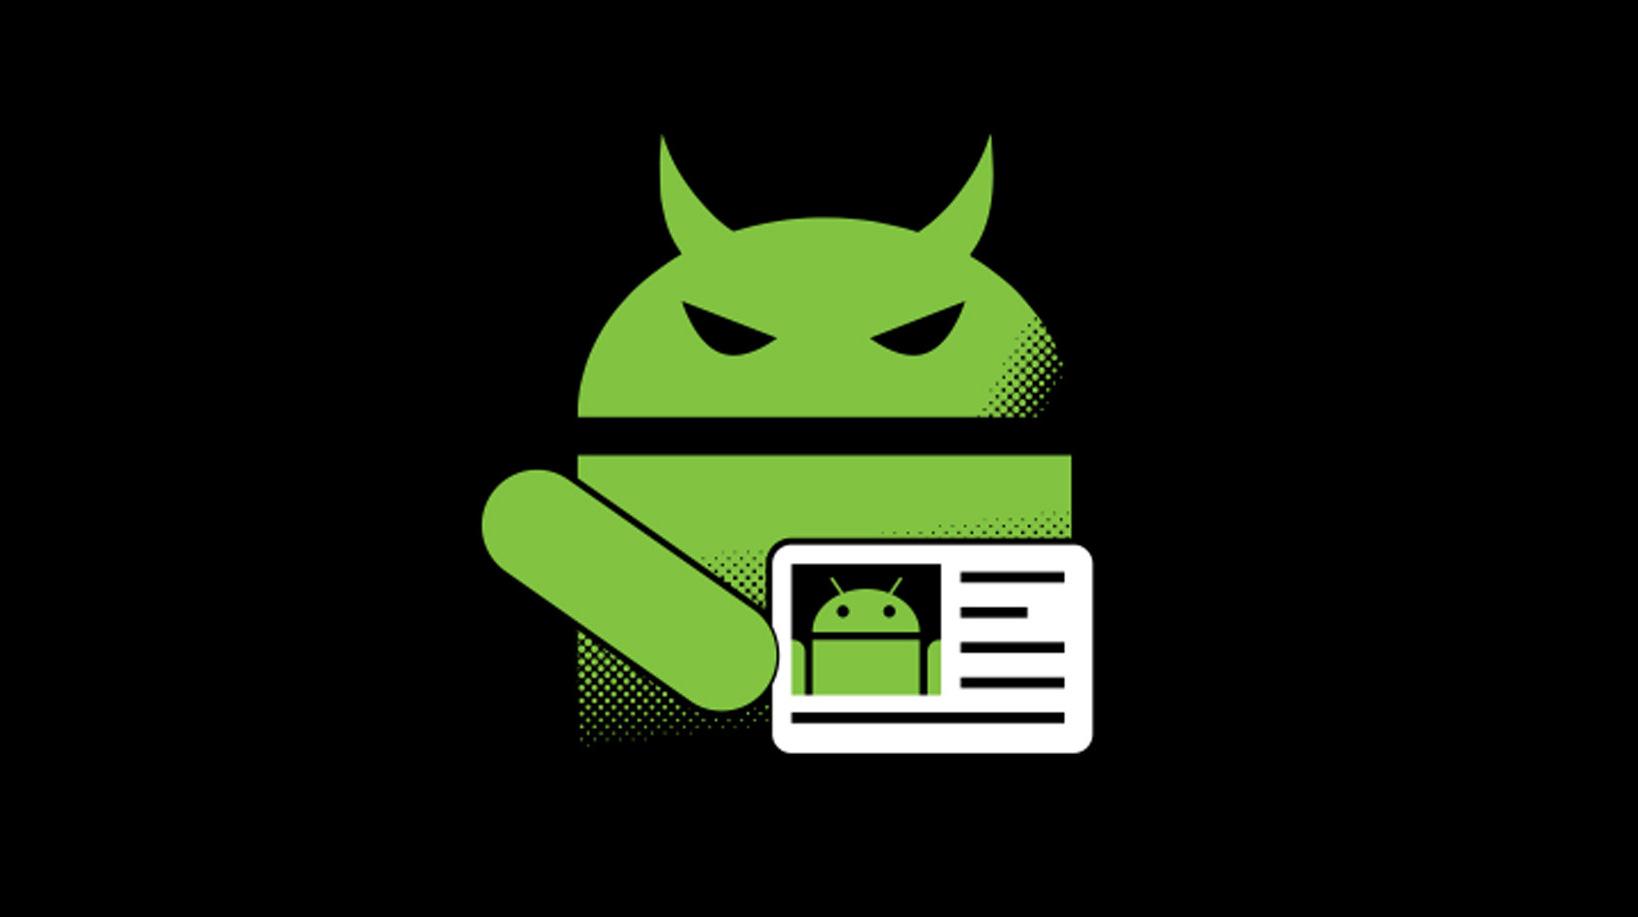 Google Project Zero objevil bezpečnostní chybu v Androidu, prý již byla zneužita